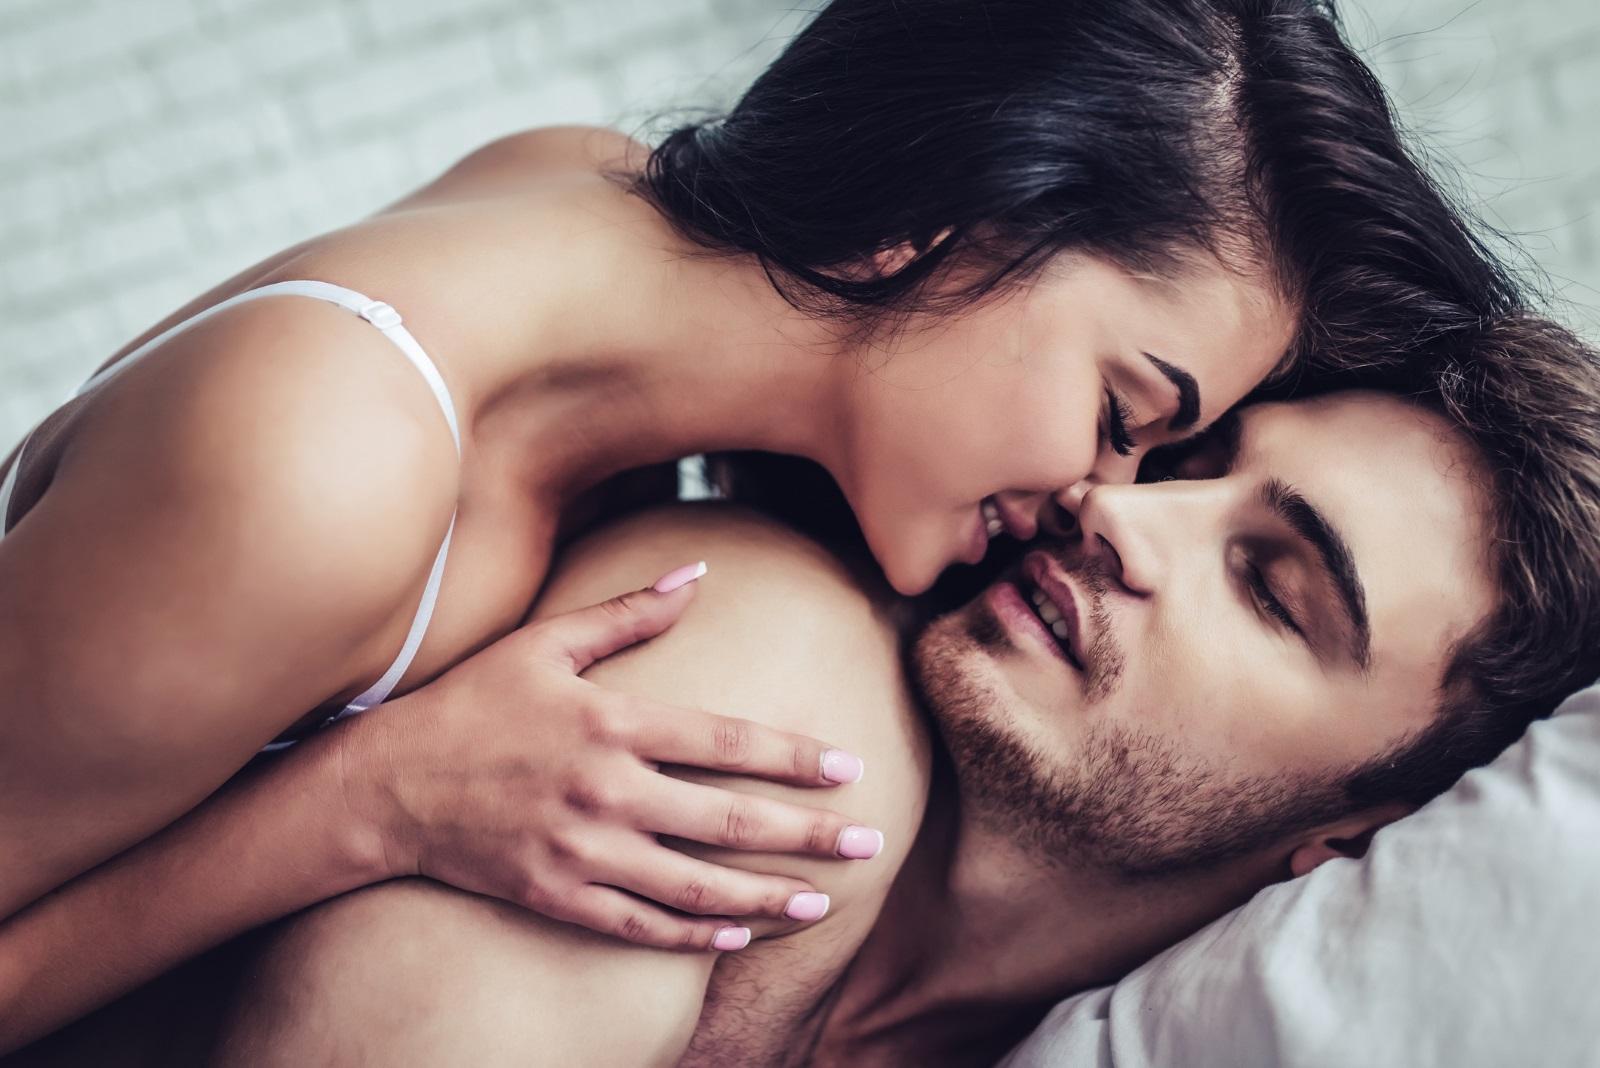 <p>За над 50 процента от представителките на нежния пол е особено неприятно в моментите на интимност наоколо им да се мотаят домашни любимци.&nbsp;</p>